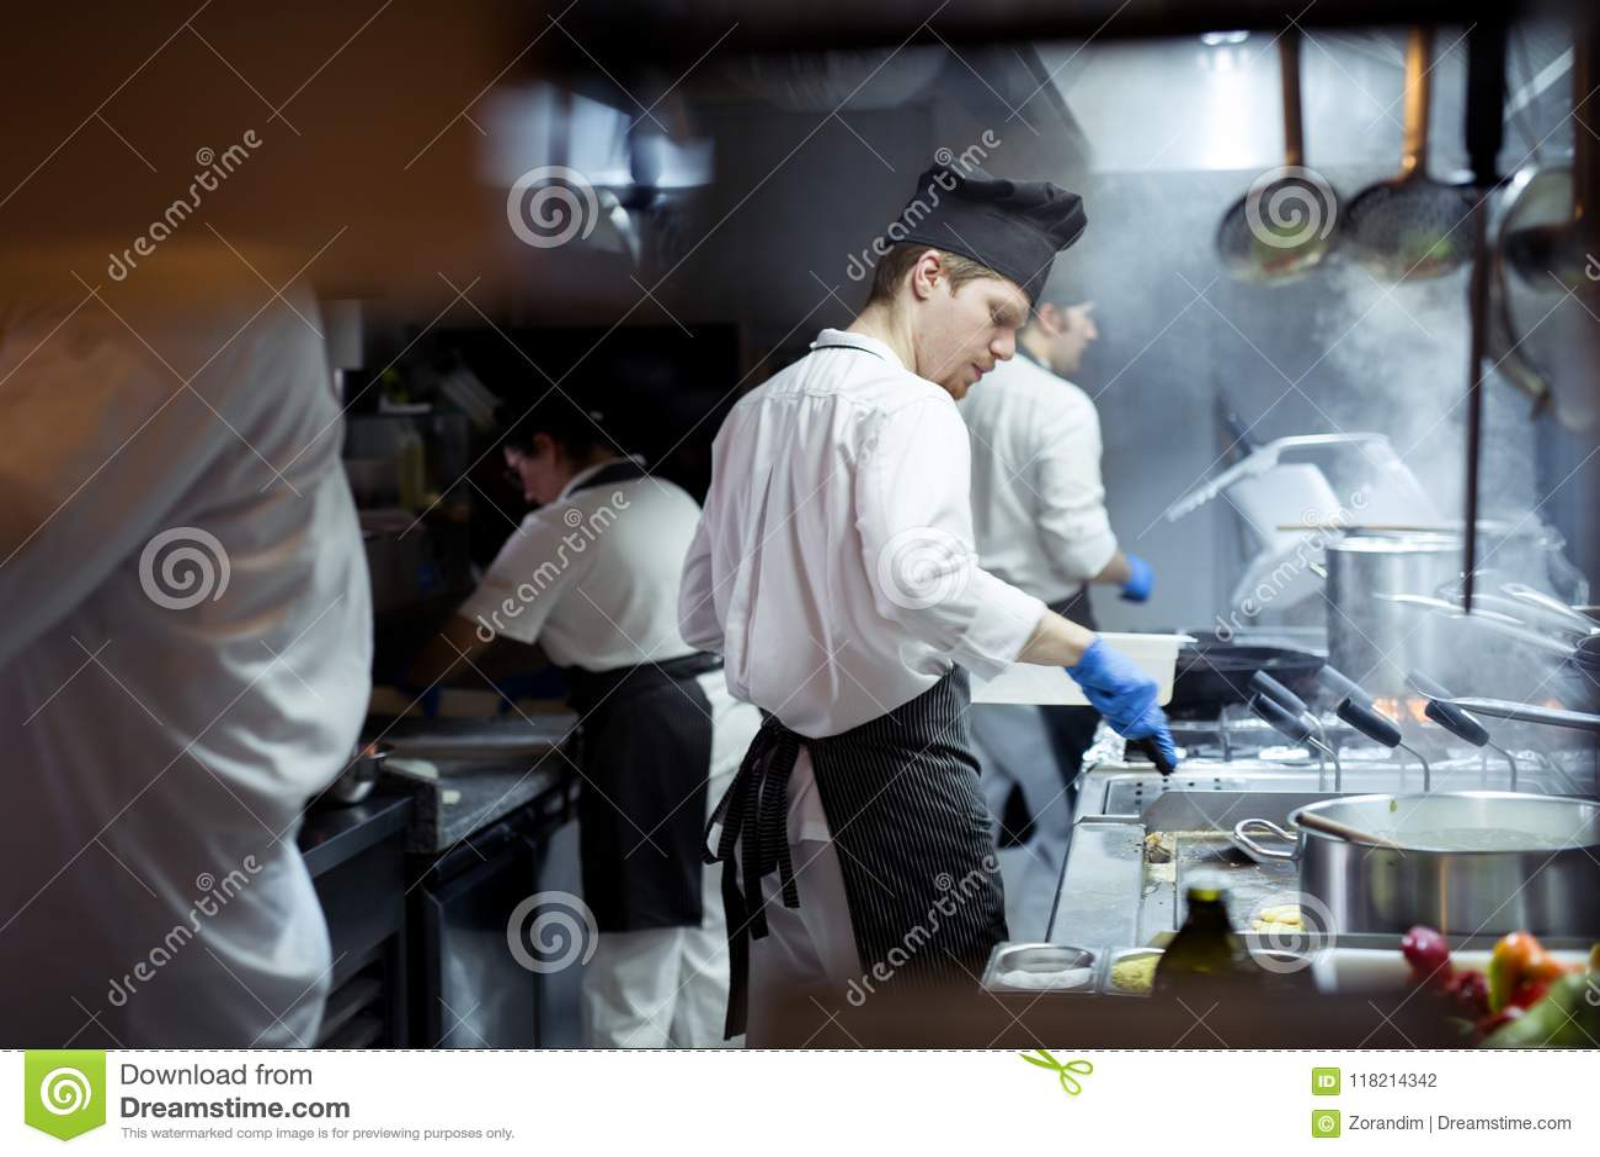 Ομάδα αρχιμάγειρα που προετοιμάζει τα τρόφιμα στην κουζίνα ενός εστιατορίου